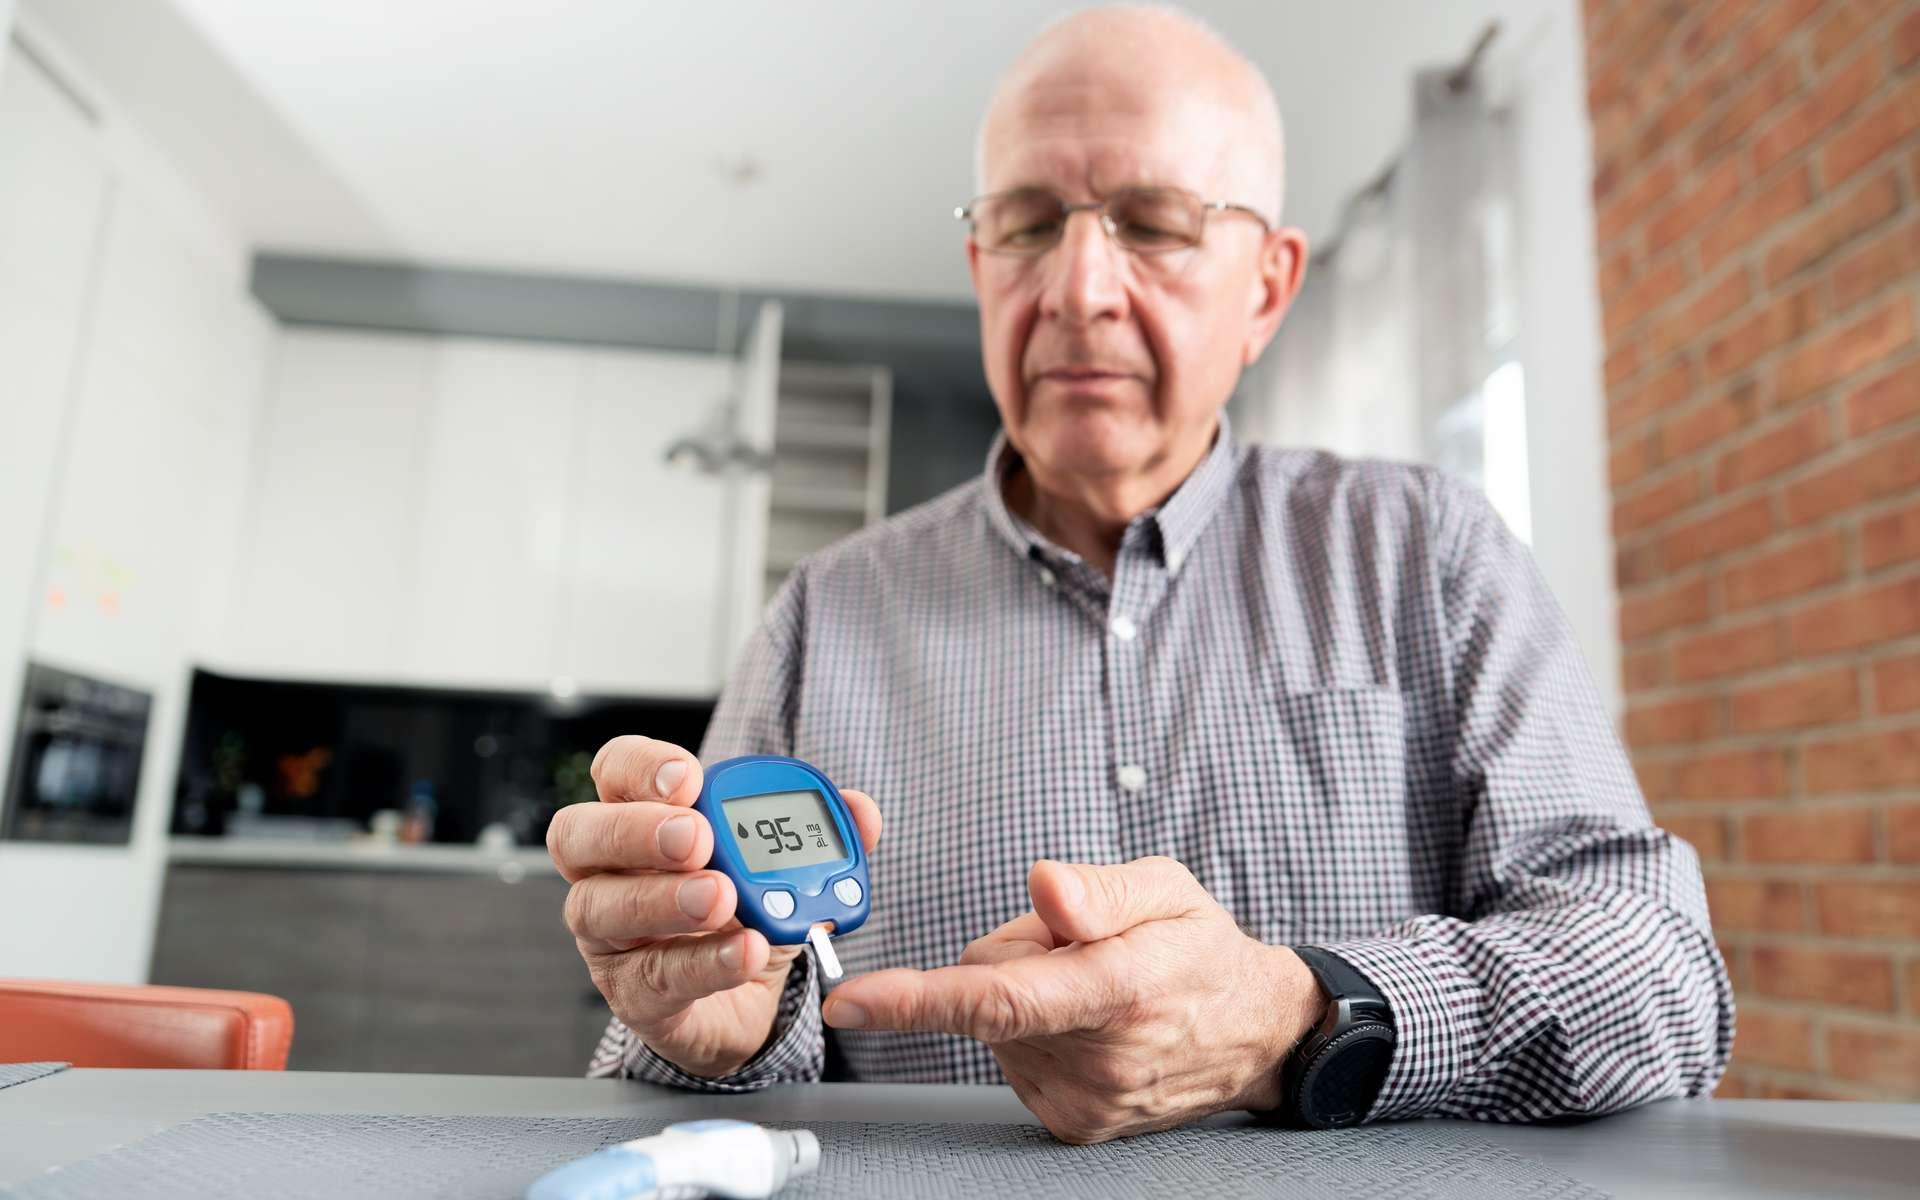 Les seniors souffrant de diabète de type 2 sont les plus fragiles face au Covid-19. © Proxima Studio, Adobe Stock